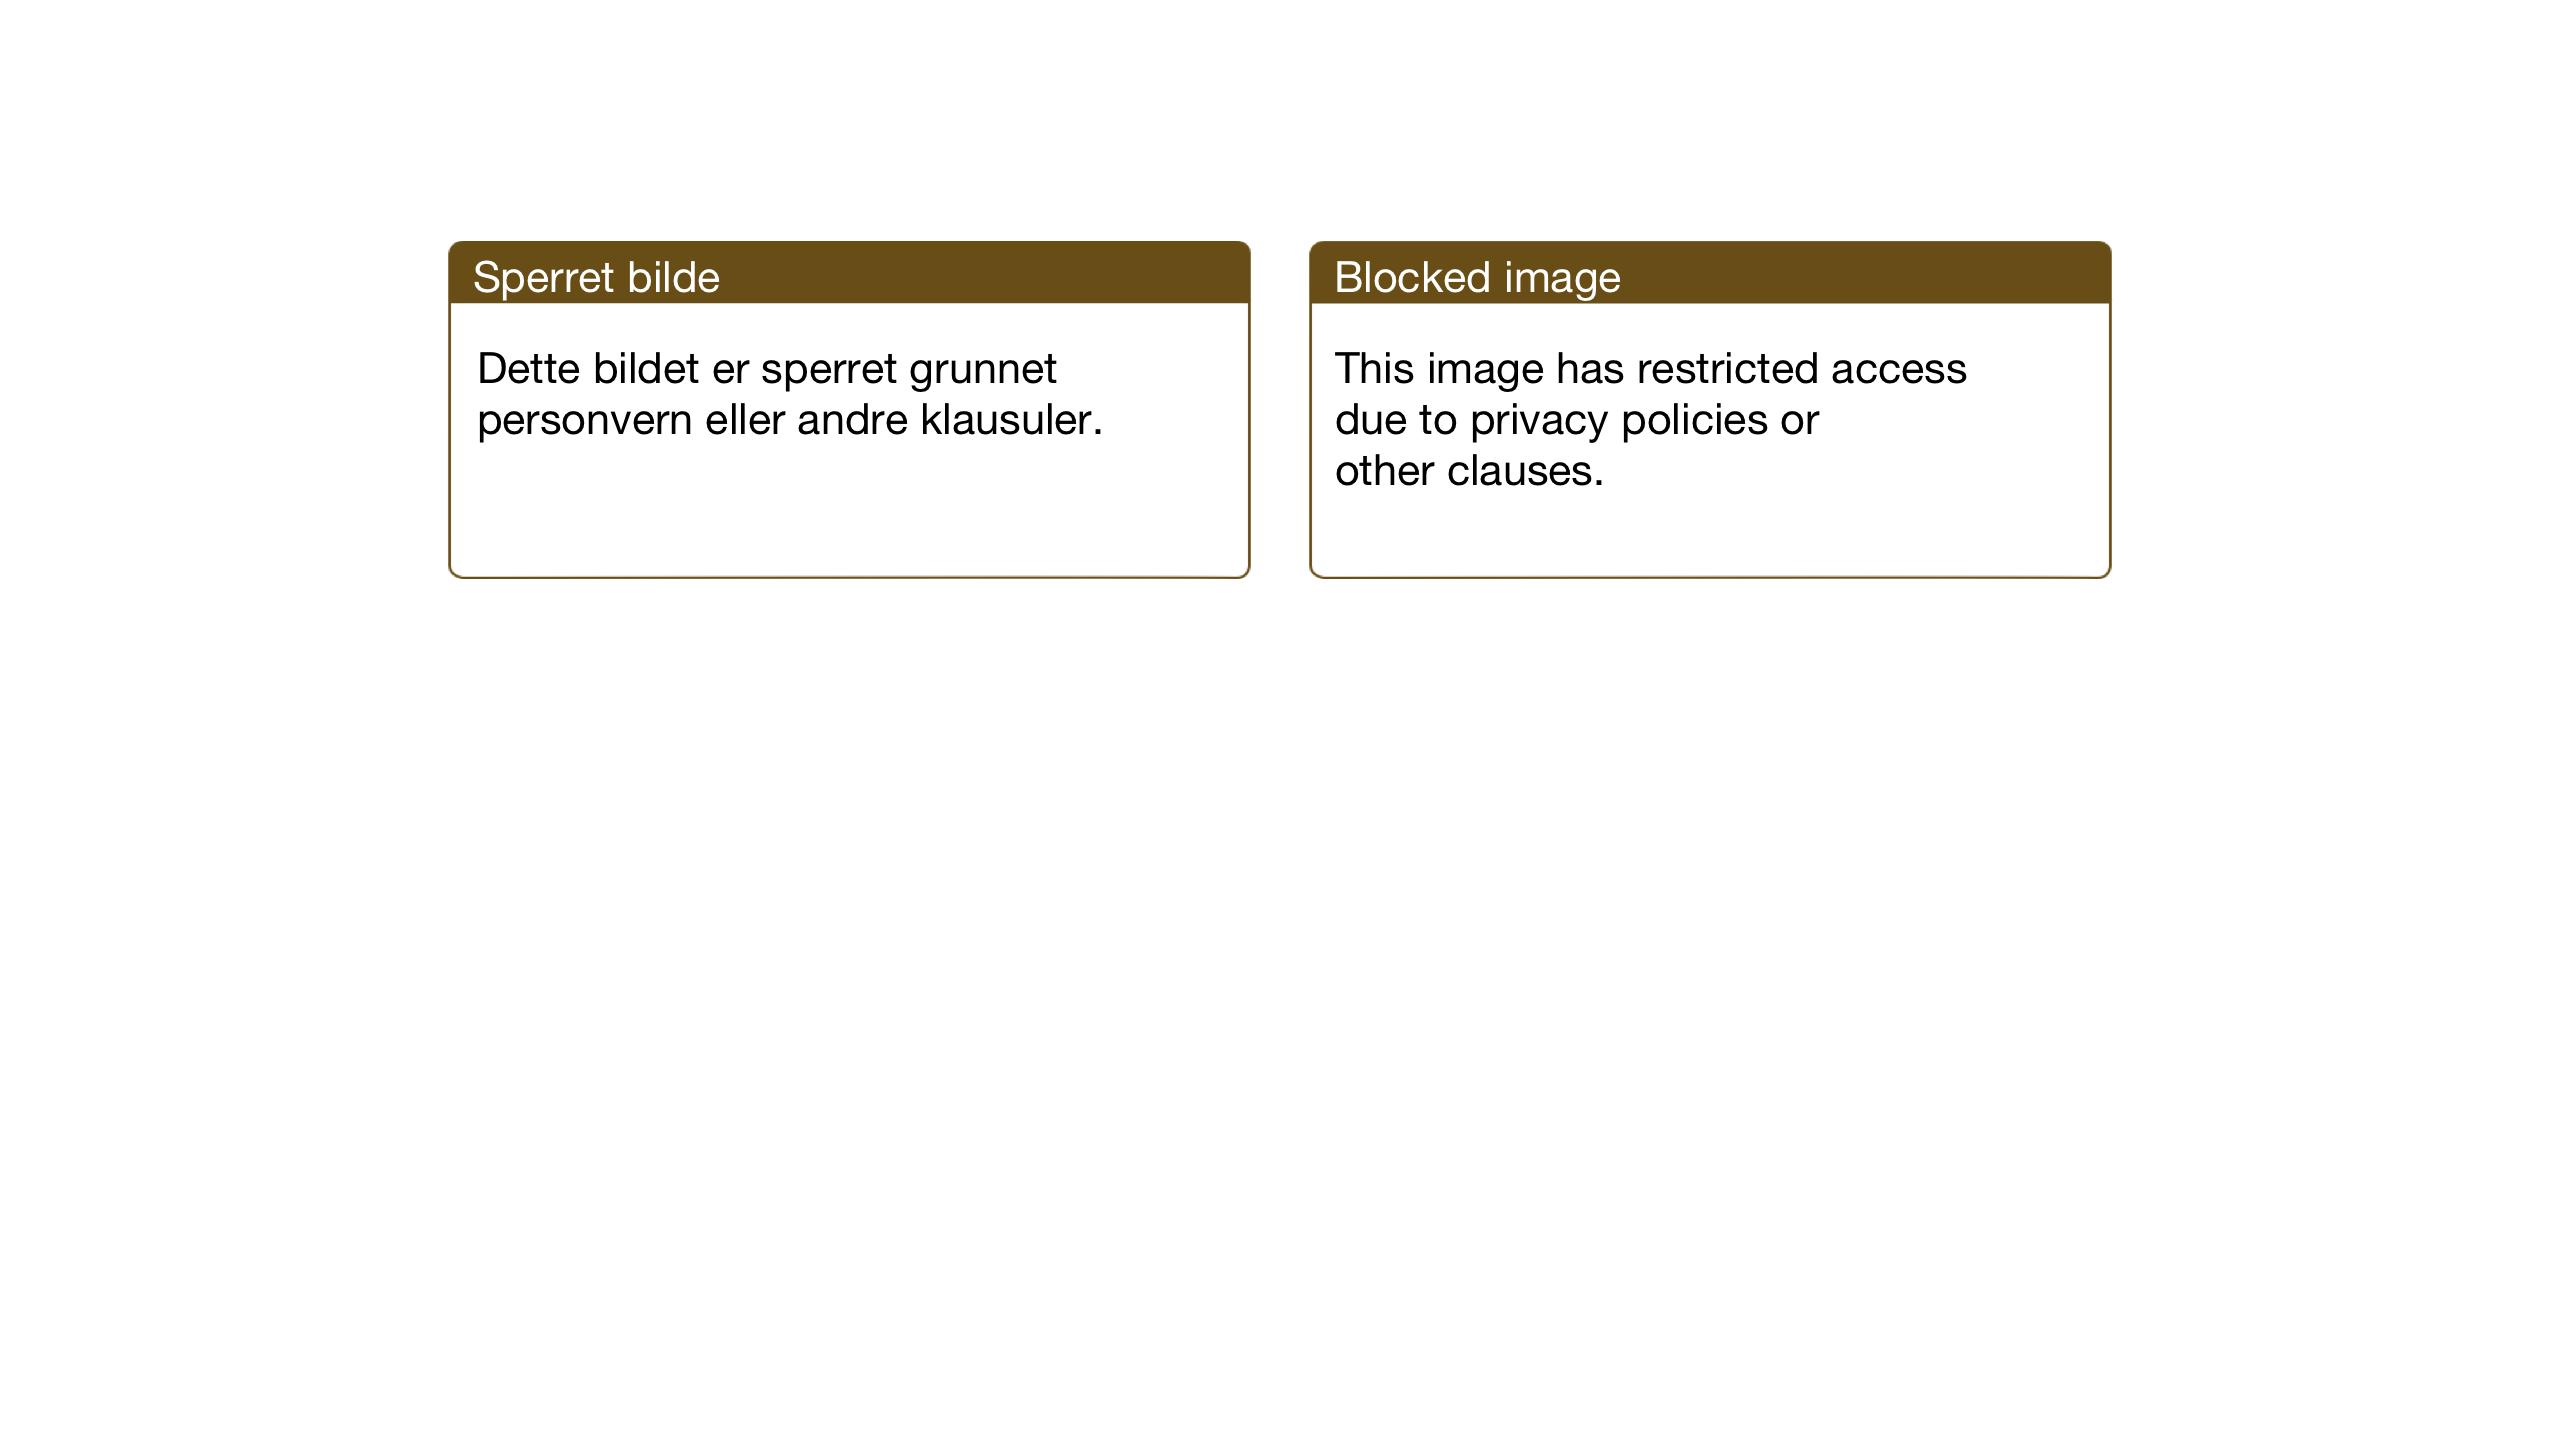 SAT, Ministerialprotokoller, klokkerbøker og fødselsregistre - Nord-Trøndelag, 757/L0507: Klokkerbok nr. 757C02, 1923-1939, s. 31